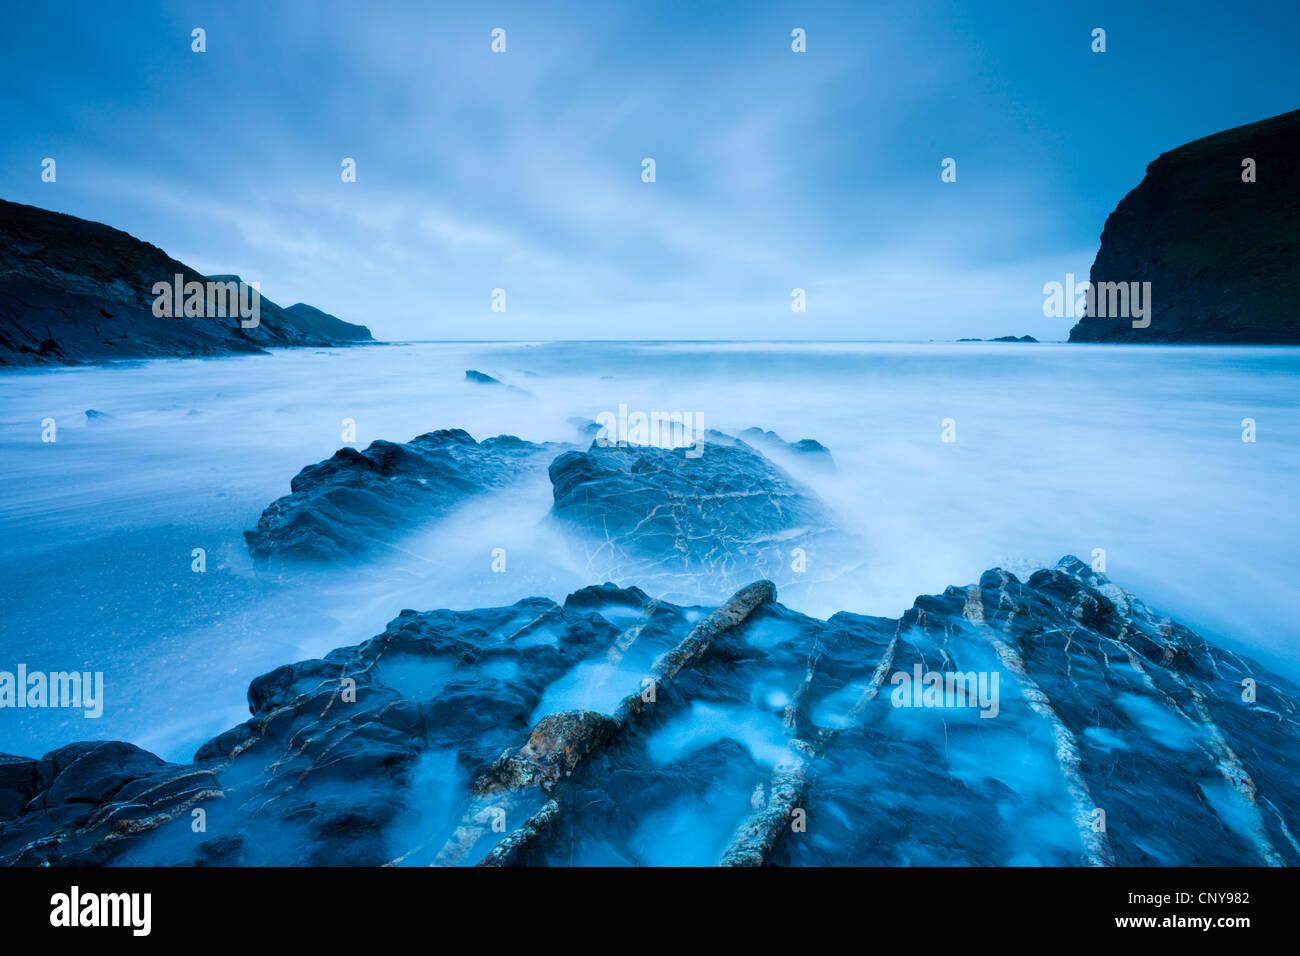 Una lunga esposizione al crepuscolo sul Crackington Haven beach sulla North Cornwall, Inghilterra. Marzo 2009 Immagini Stock